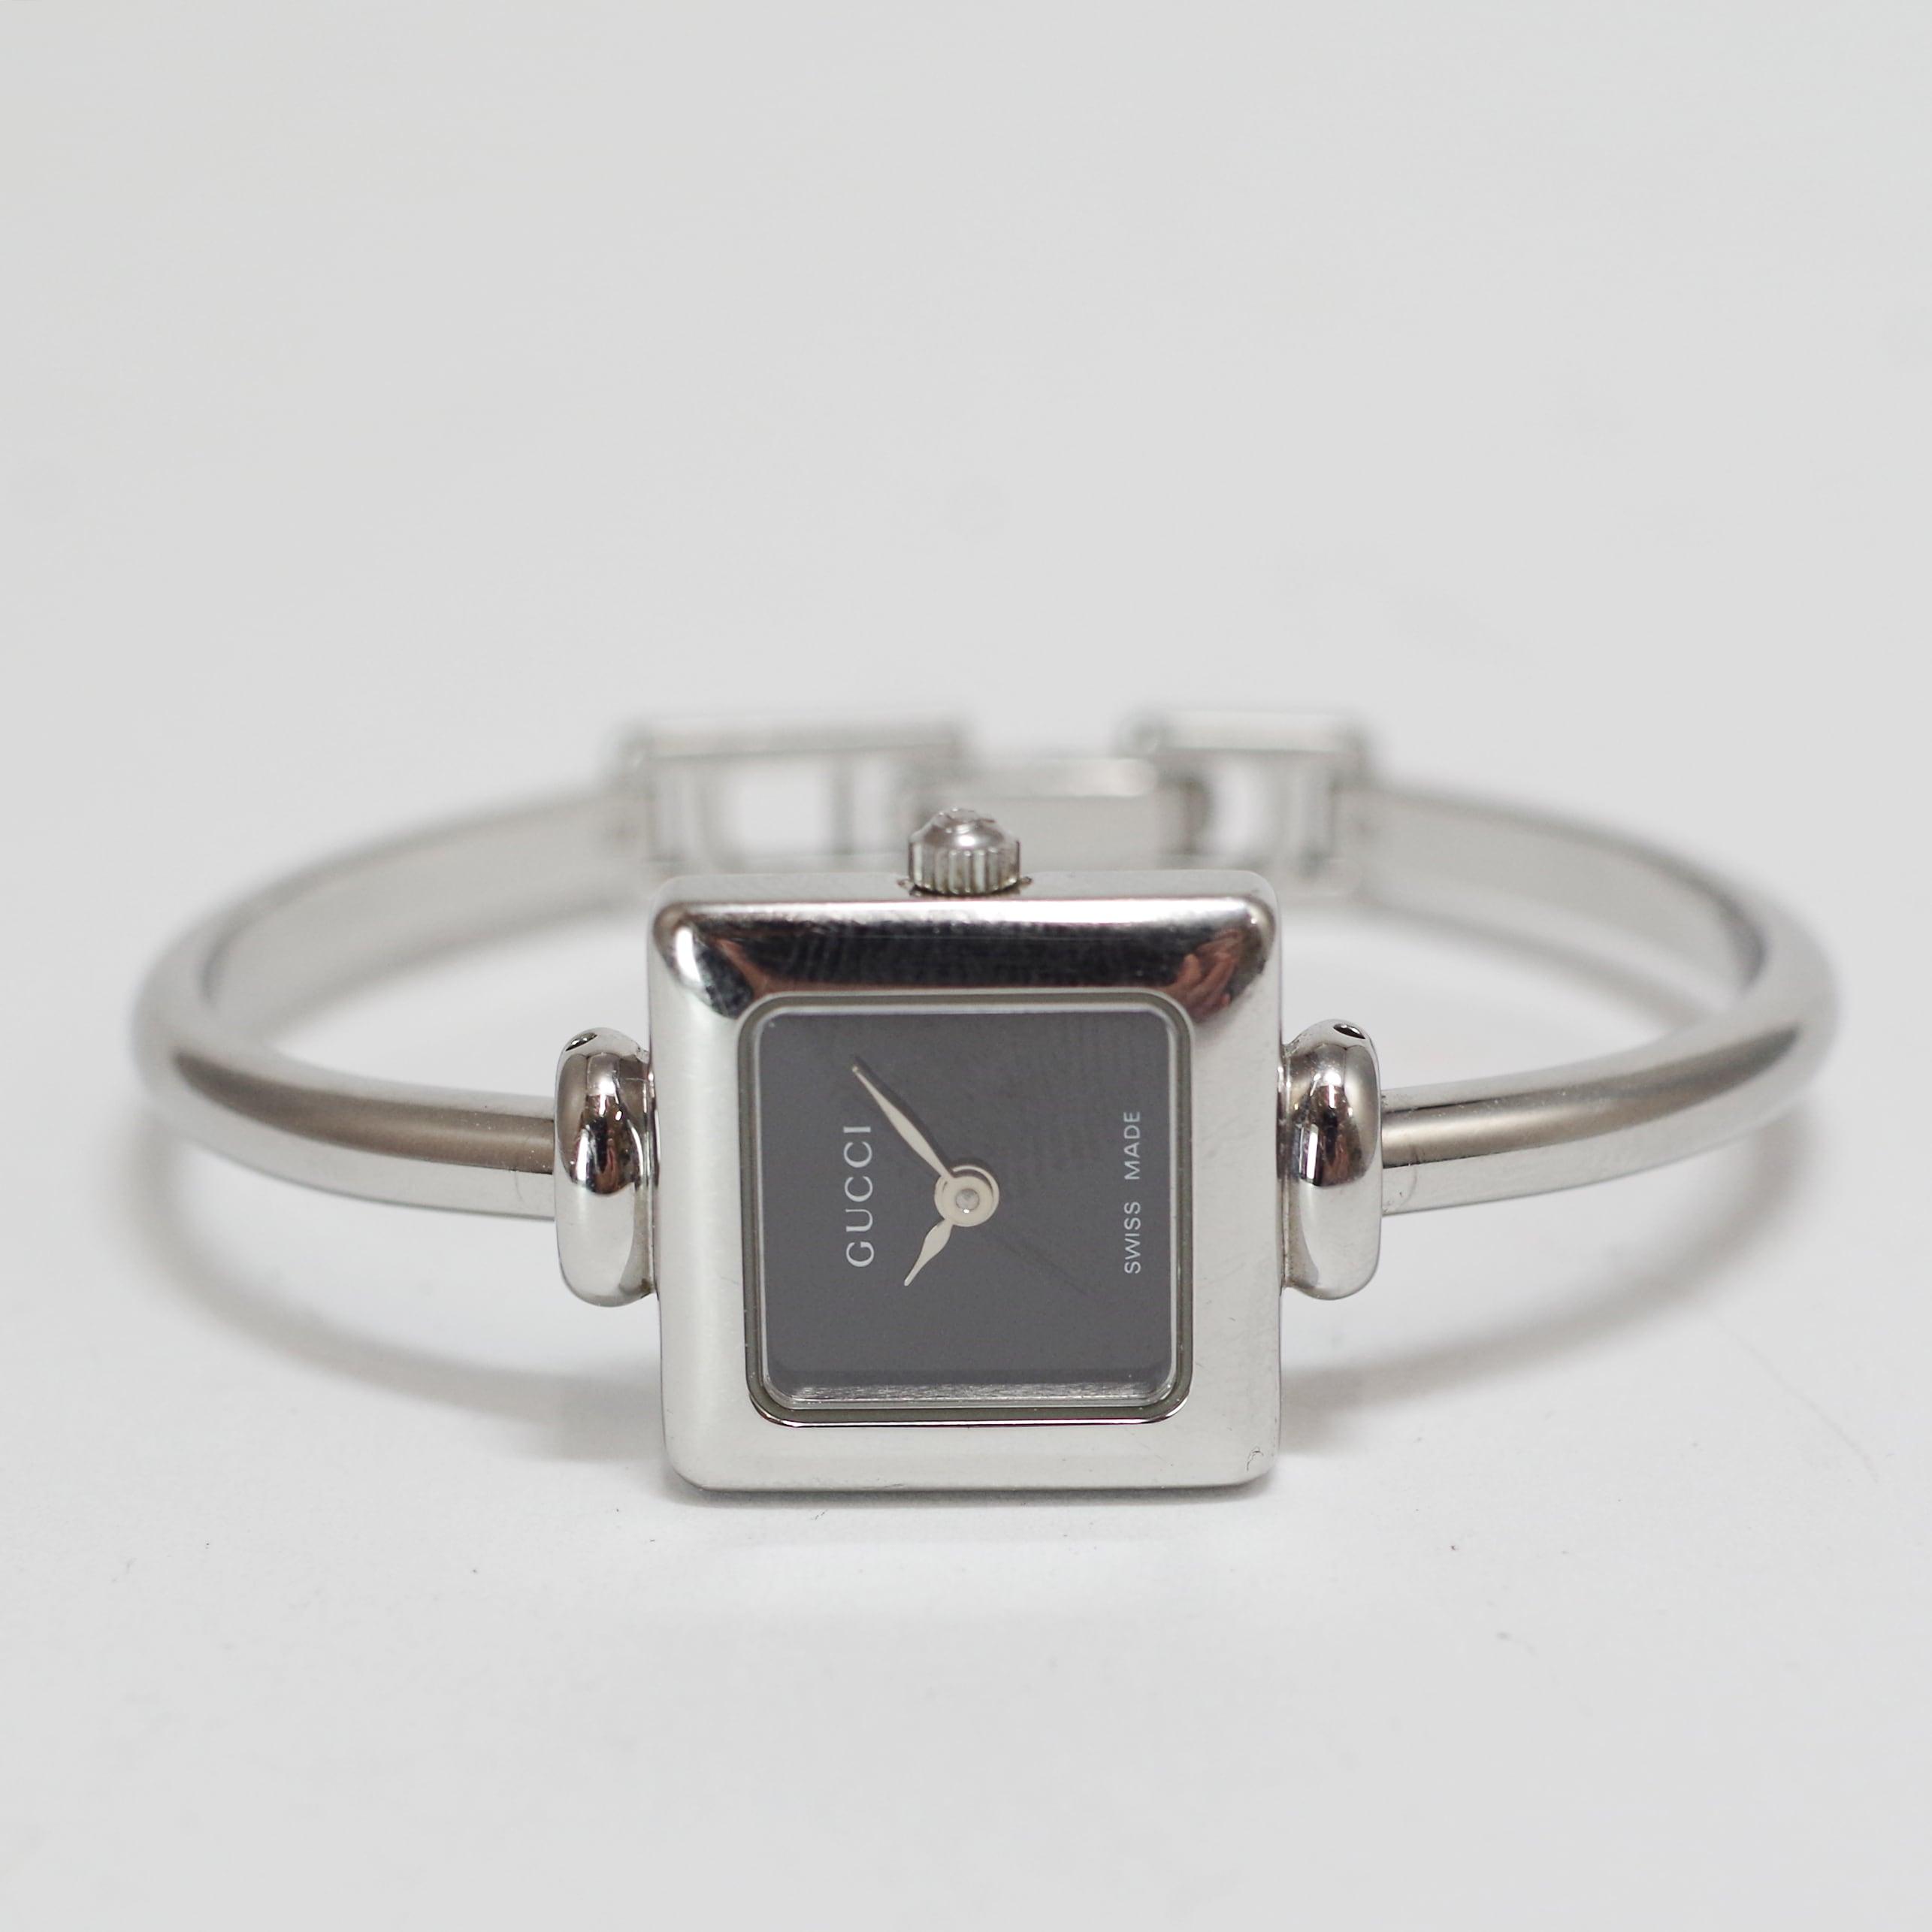 GUCCI グッチ 1900L クオーツ ブラック ステンレススチール レディース 腕時計